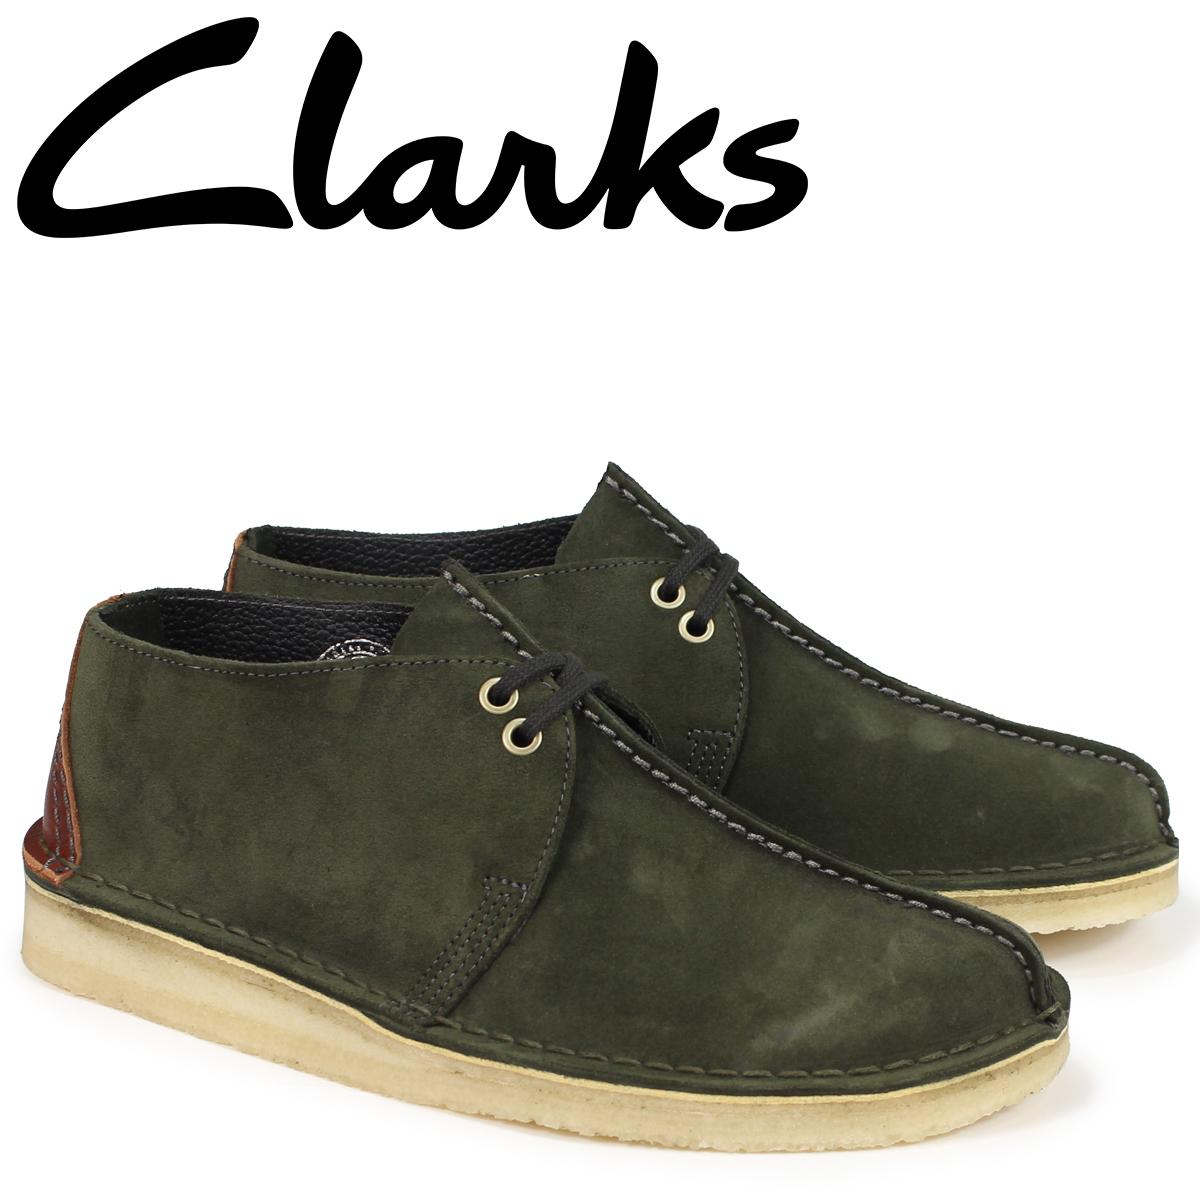 クラークス デザートトレック ブーツ メンズ Clarks DESERT TREK 26134762 ダークグリーン [9/19 新入荷]